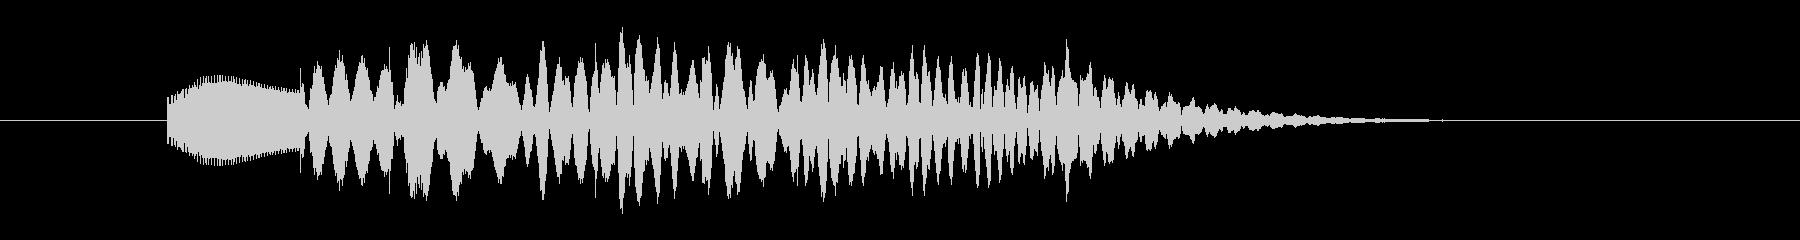 コミカルかつシンプルな場面転換の音の未再生の波形